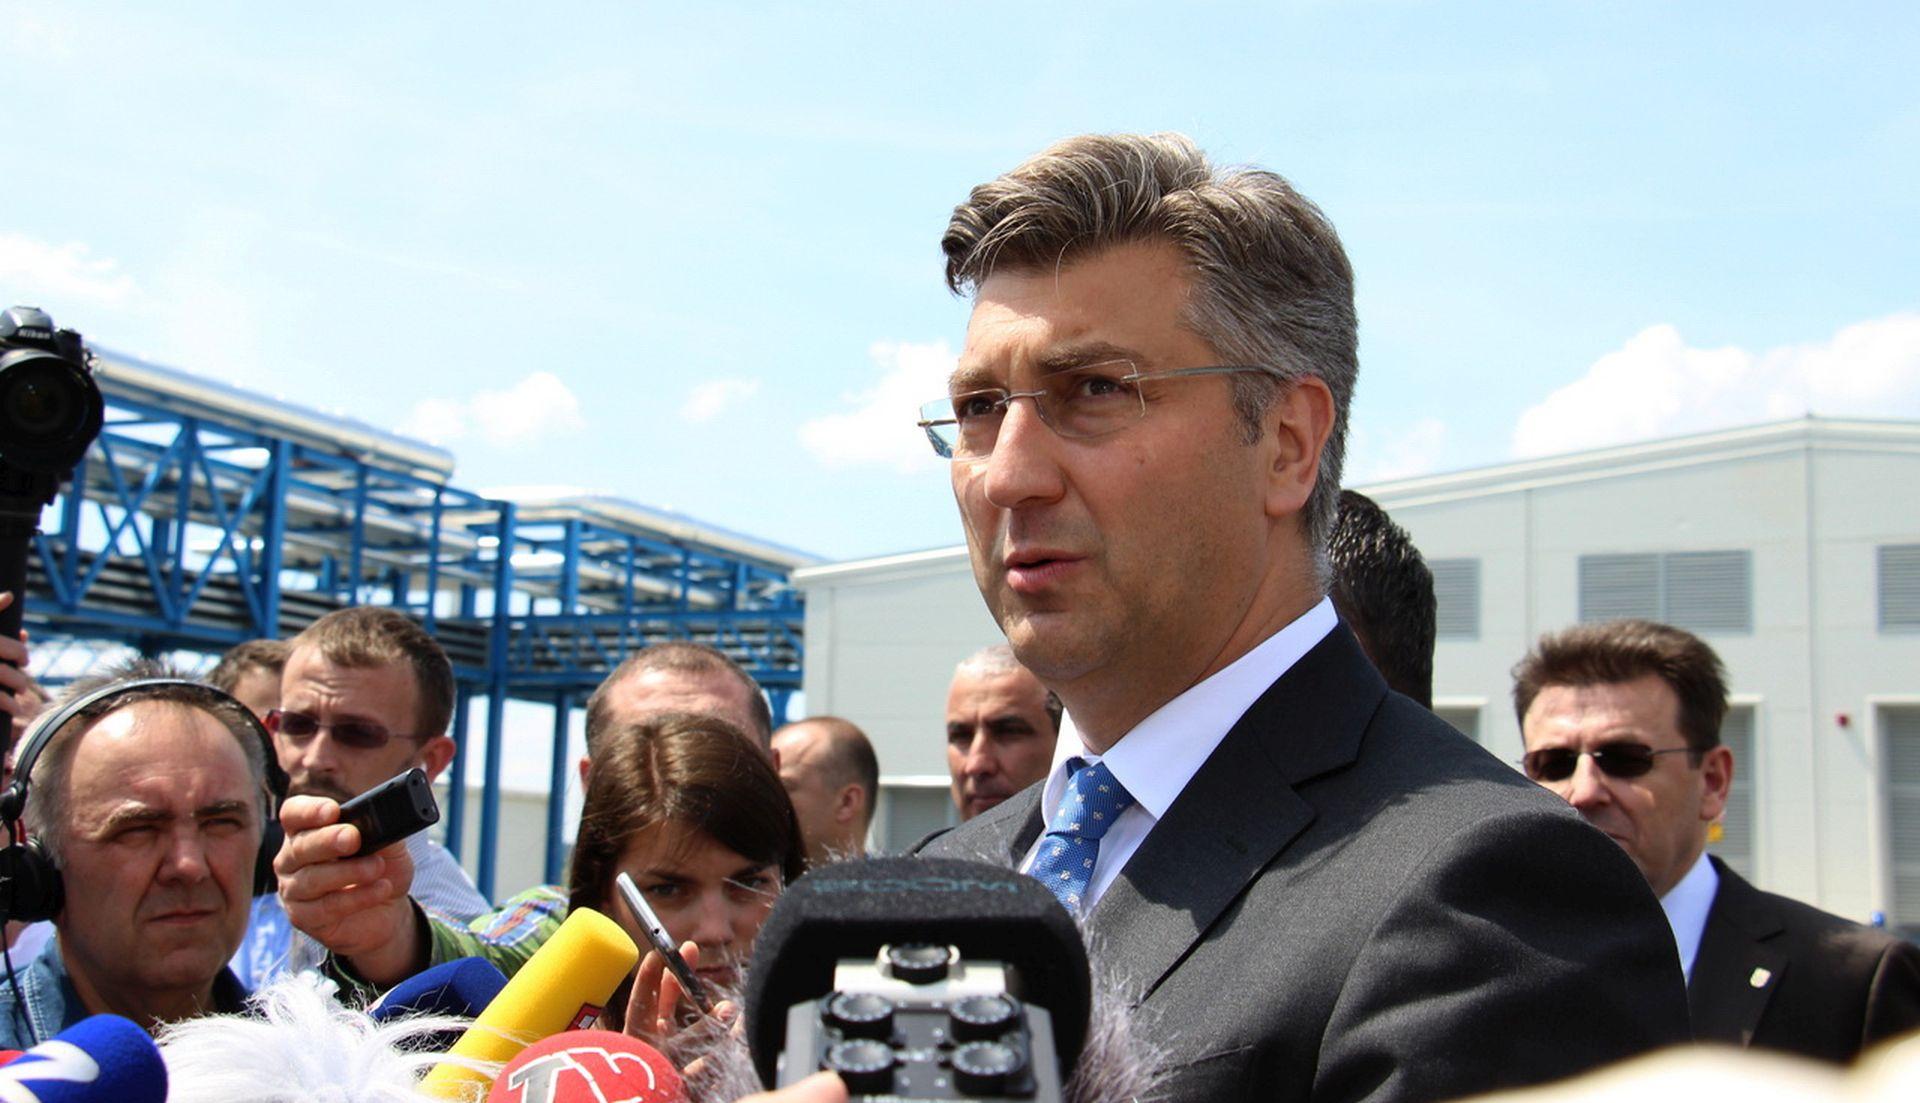 """PLENKOVIĆ """"Za krizu u Agrokoru odgovoran je vlasnik i ranija uprava, tu nema dileme"""""""